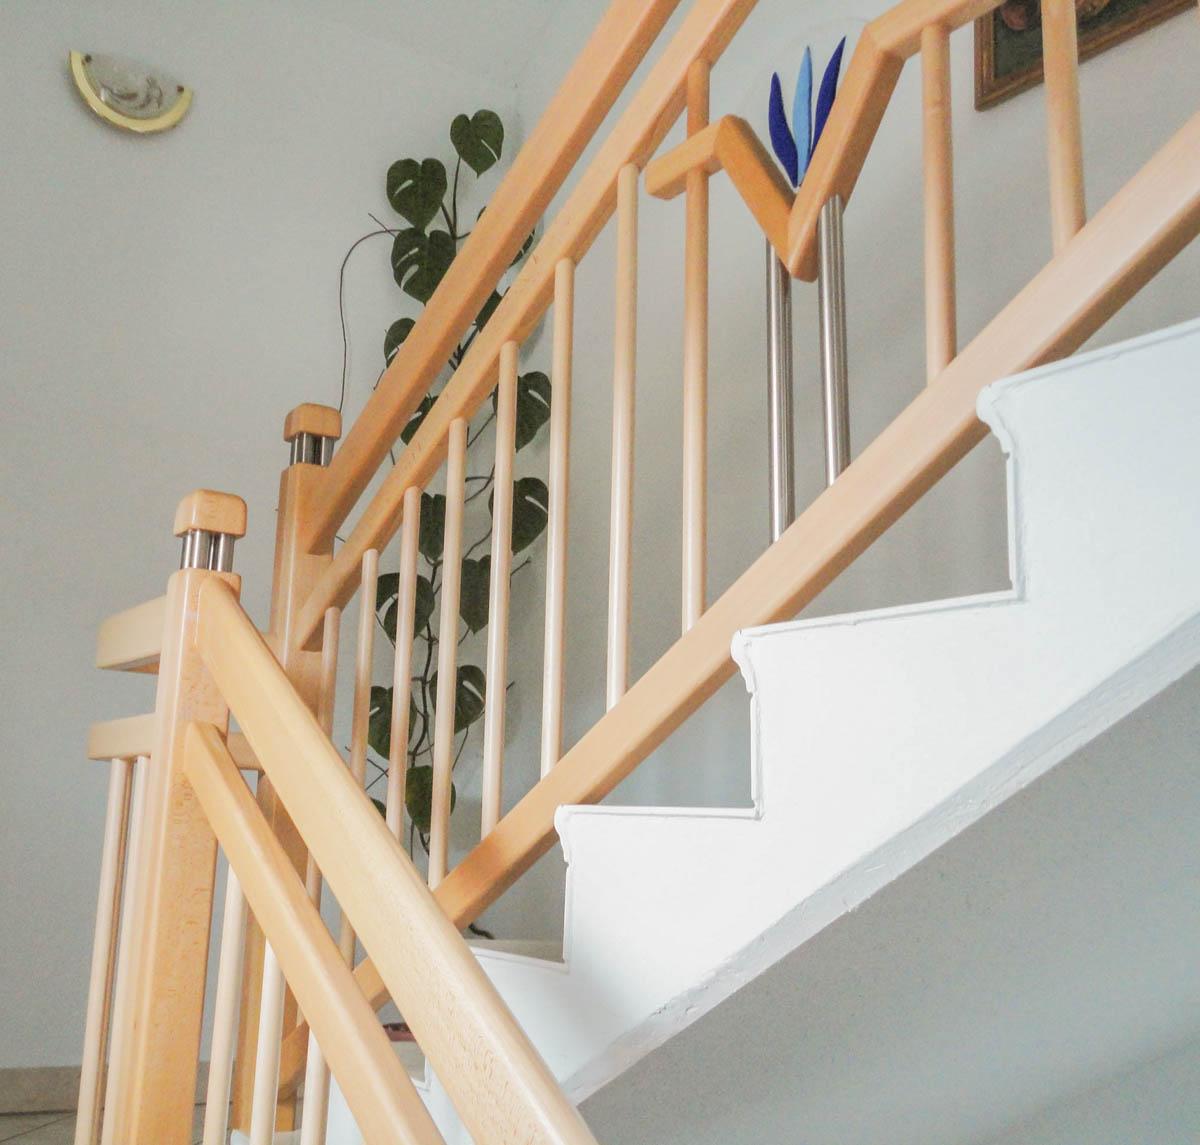 gelaender stufen marco treppen burgenland 08 marco treppen. Black Bedroom Furniture Sets. Home Design Ideas